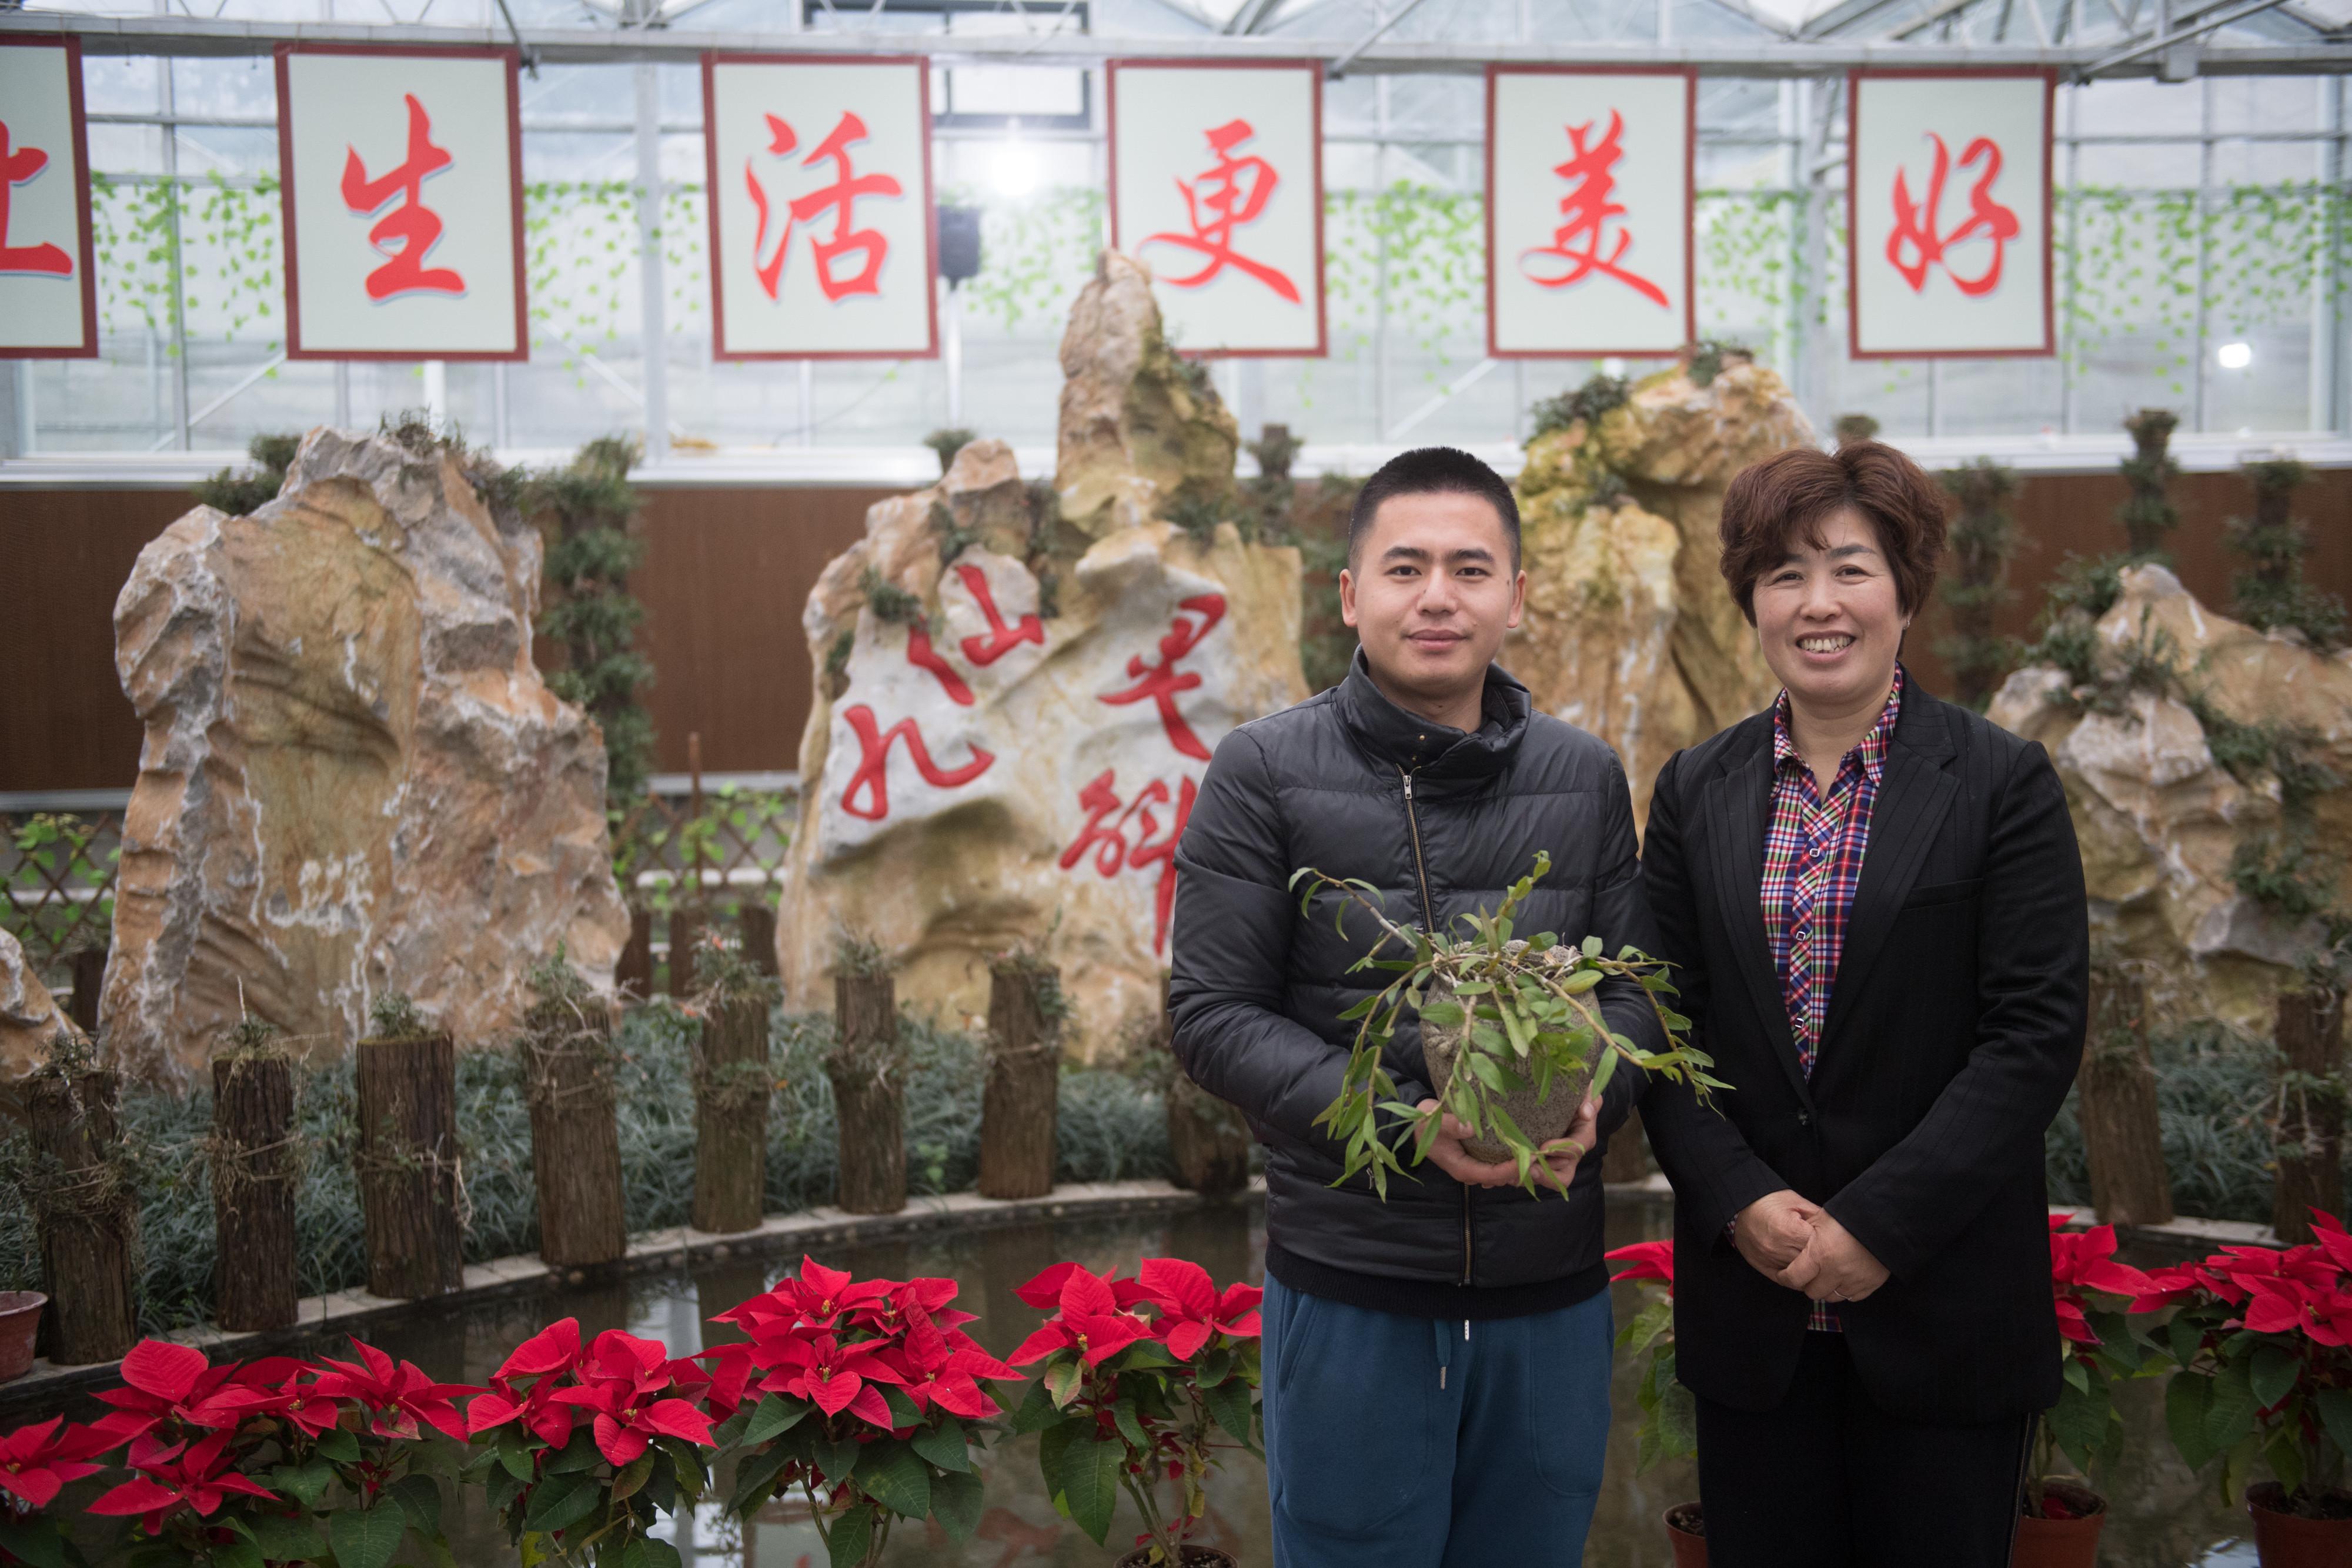 浙江建德:两代接力共塑美丽乡村